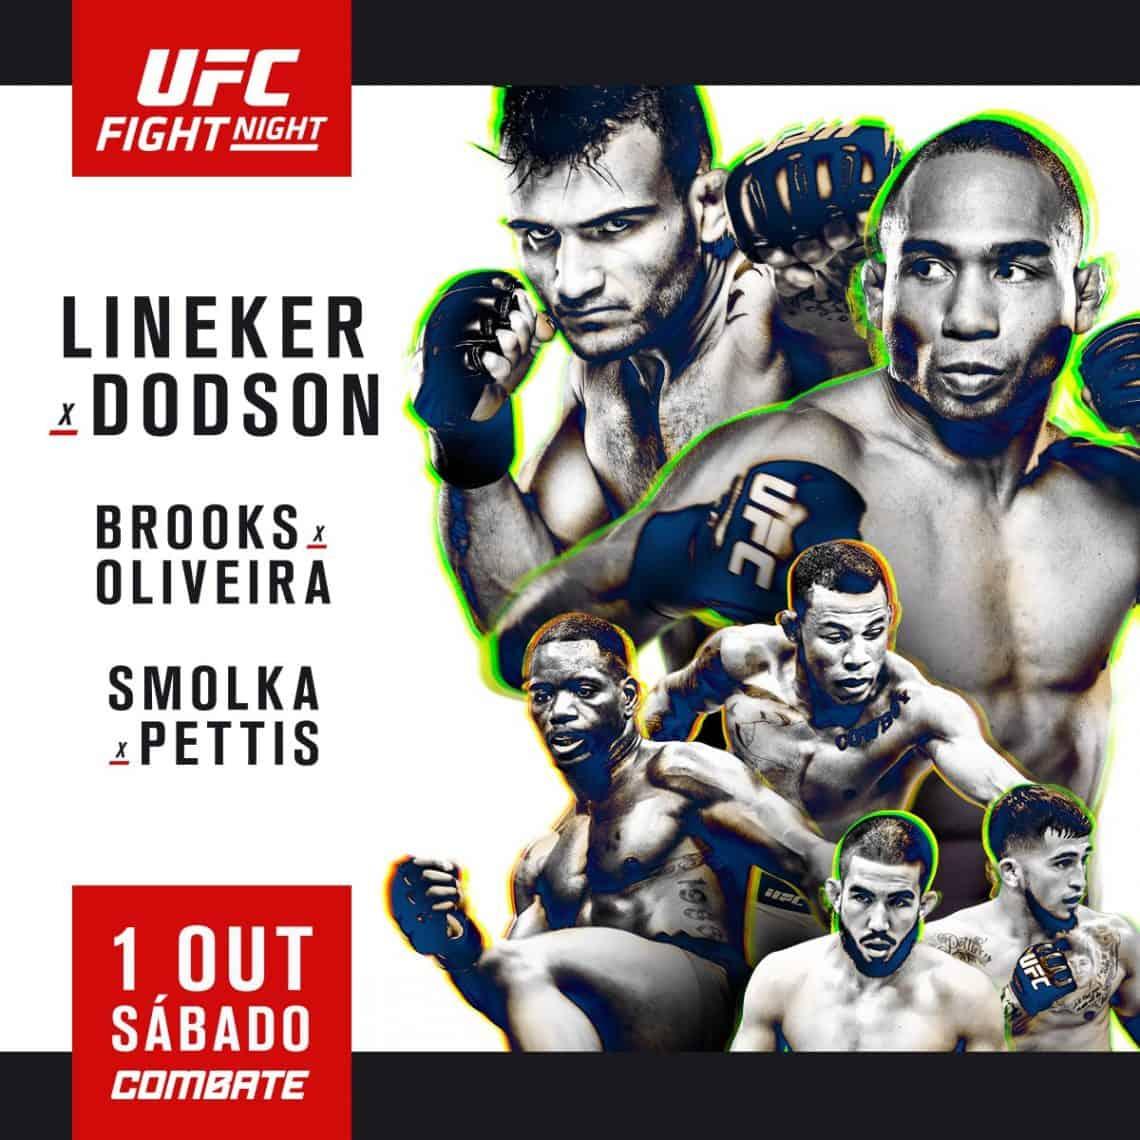 UFC Fight Night: Lineker vs. Dodson 1